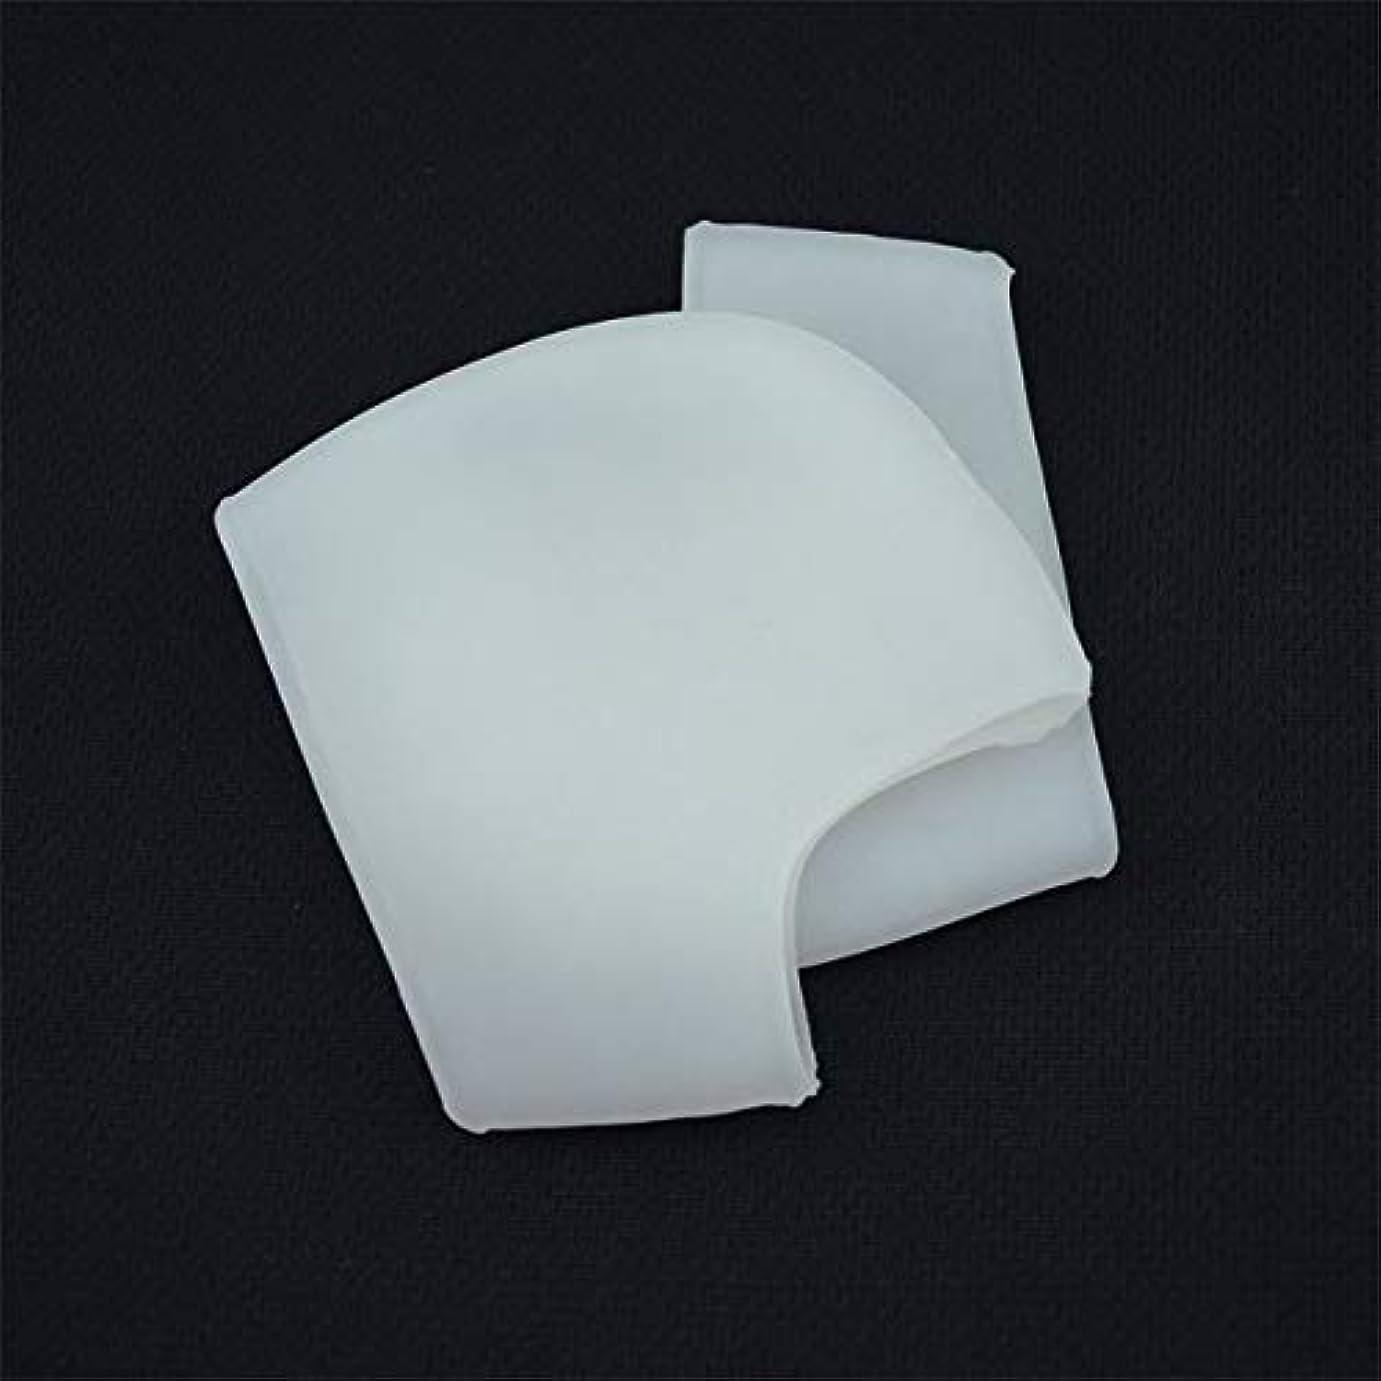 ニュースガイダンスセンサーシリコンヒールアンチクラッキング保護靴下男性と女性一般的なヒールスリーブ補正シリーズ穴なしスタイル-ミルキーホワイト